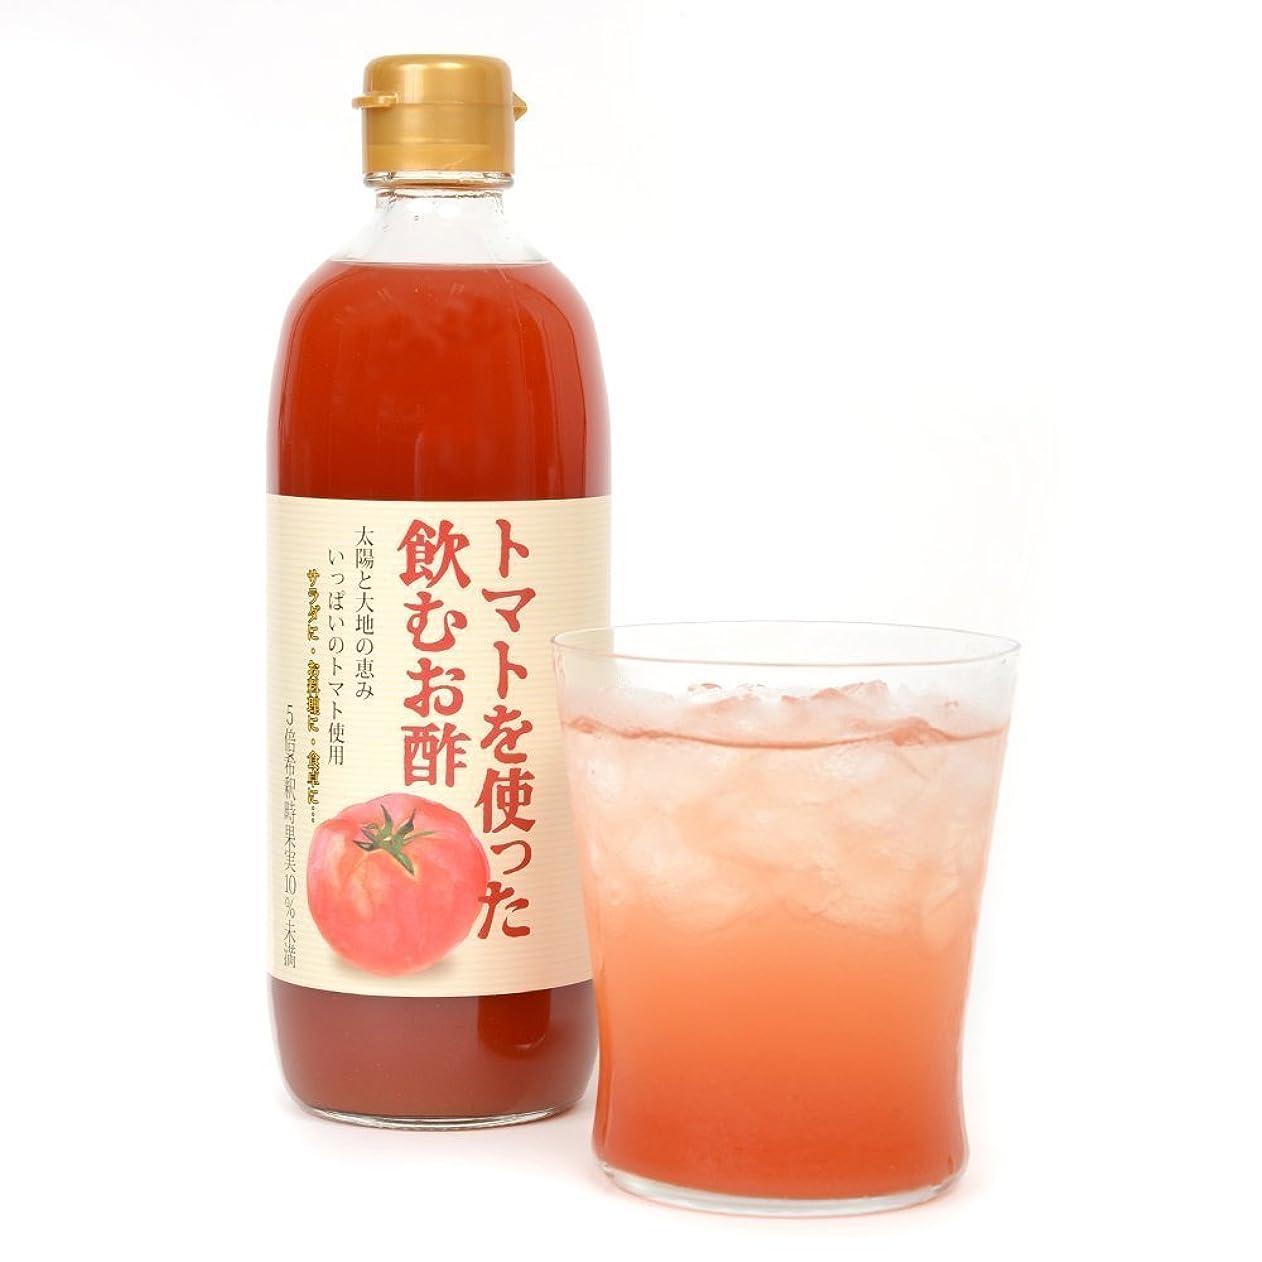 ジョージハンブリー水星後ろ、背後、背面(部トマトを使った飲むお酢 2本セット